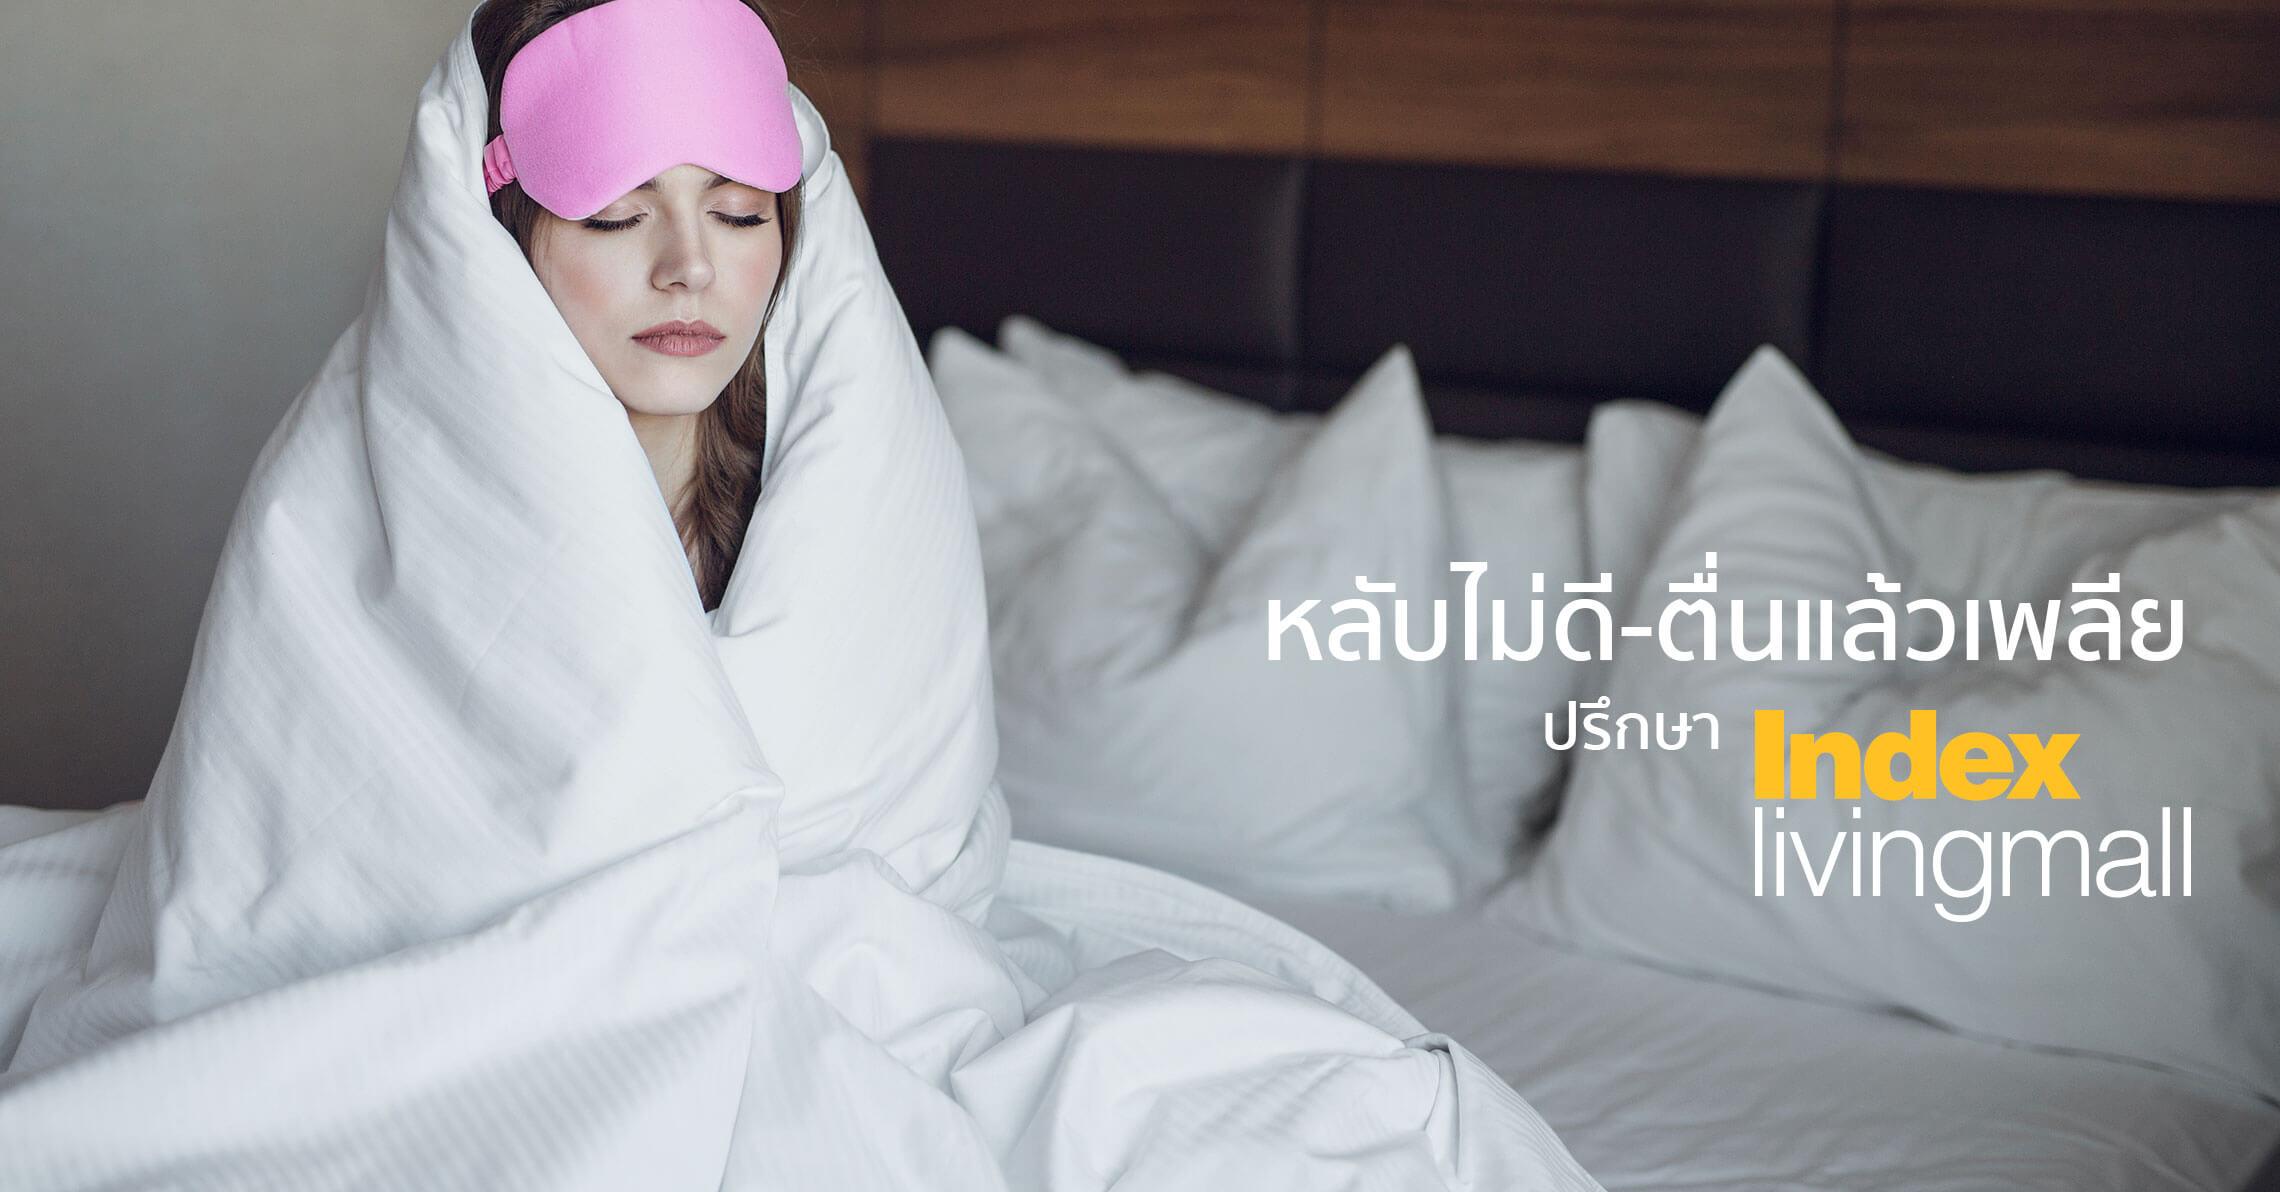 เพิ่มคุณภาพชีวิตได้ด้วยการนอนที่ Perfect Sleep Index Living Mall ปัญหานอนหลับไม่สนิท ปวดเมื่อย นอนเยอะแล้วยังเพลีย บริการให้คำปรึกษา ฟรี! 13 - index